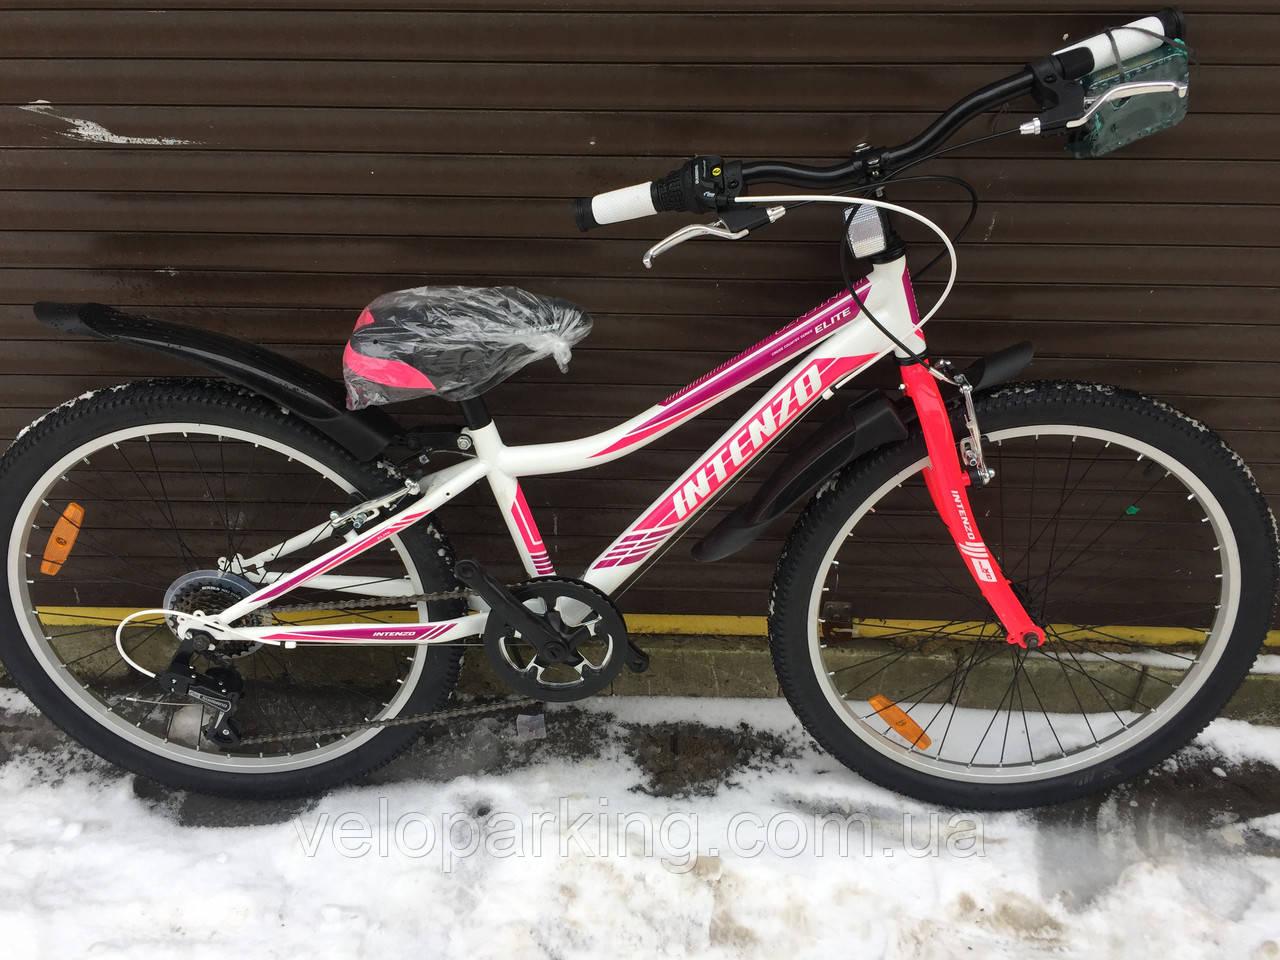 Горный подростковый велосипед для девочки Intenzo Elite 24 (2018) new